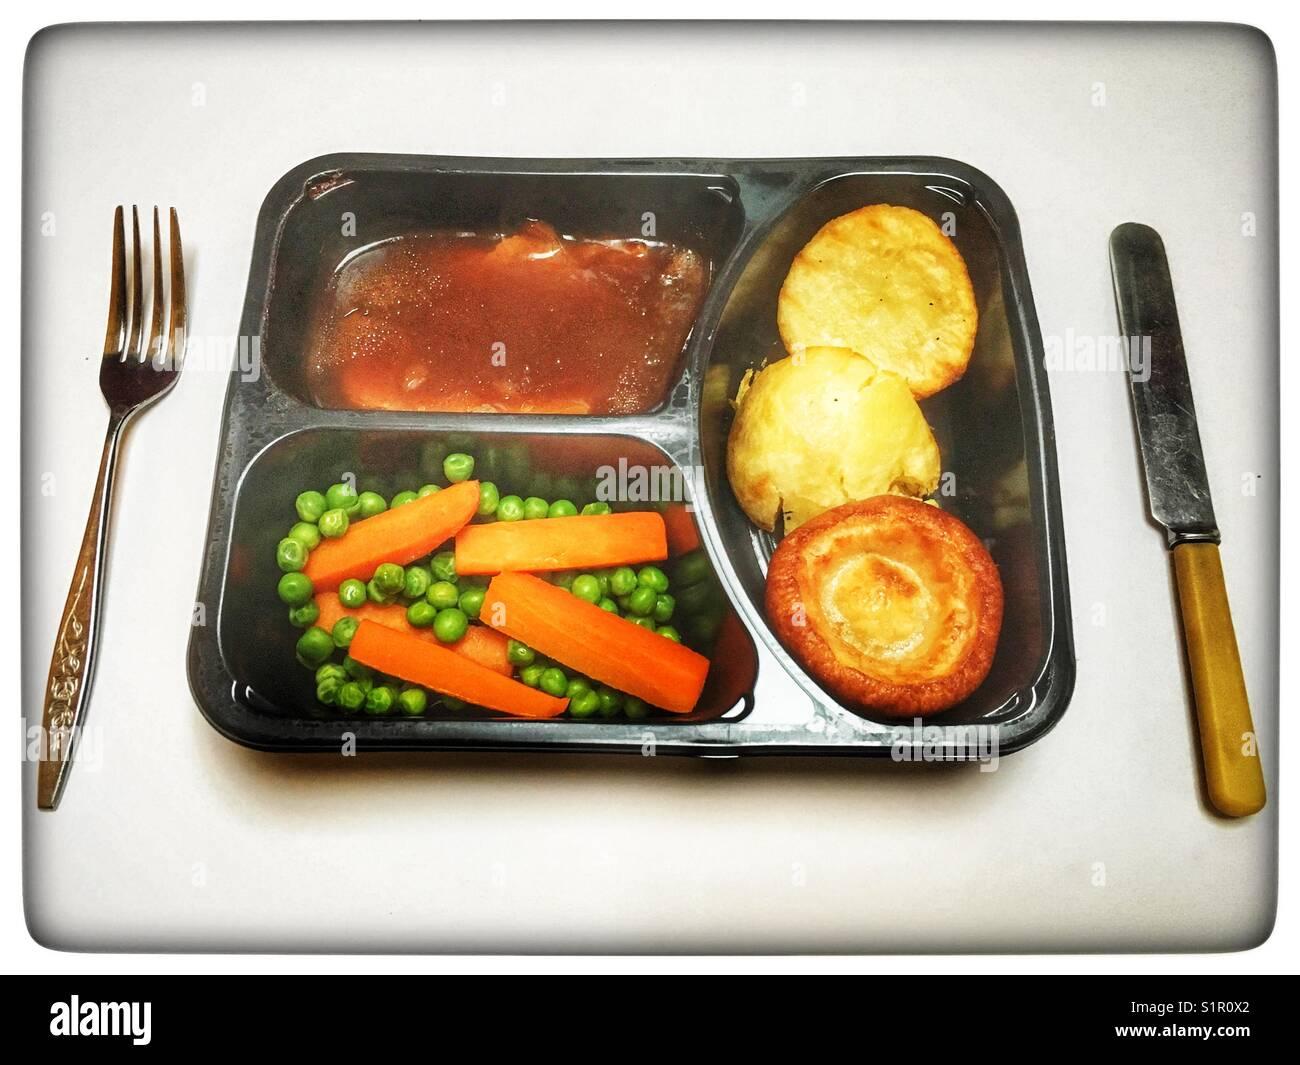 TV dinner - Stock Image